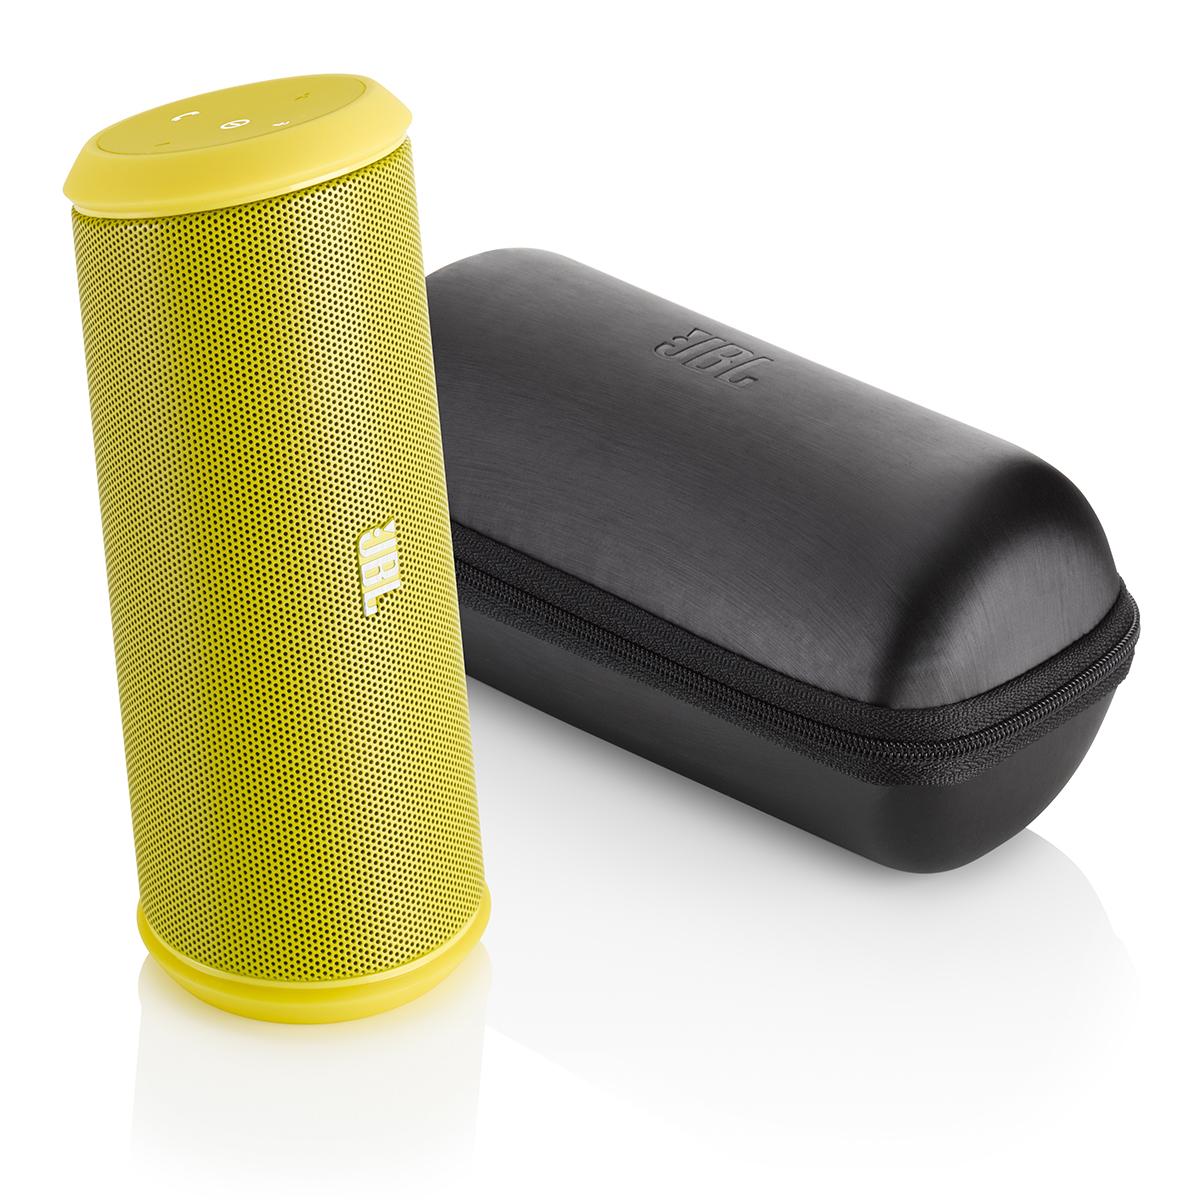 ลำโพงพกพา JBL FLIP 2 Bluetooth Speaker (Yellow)